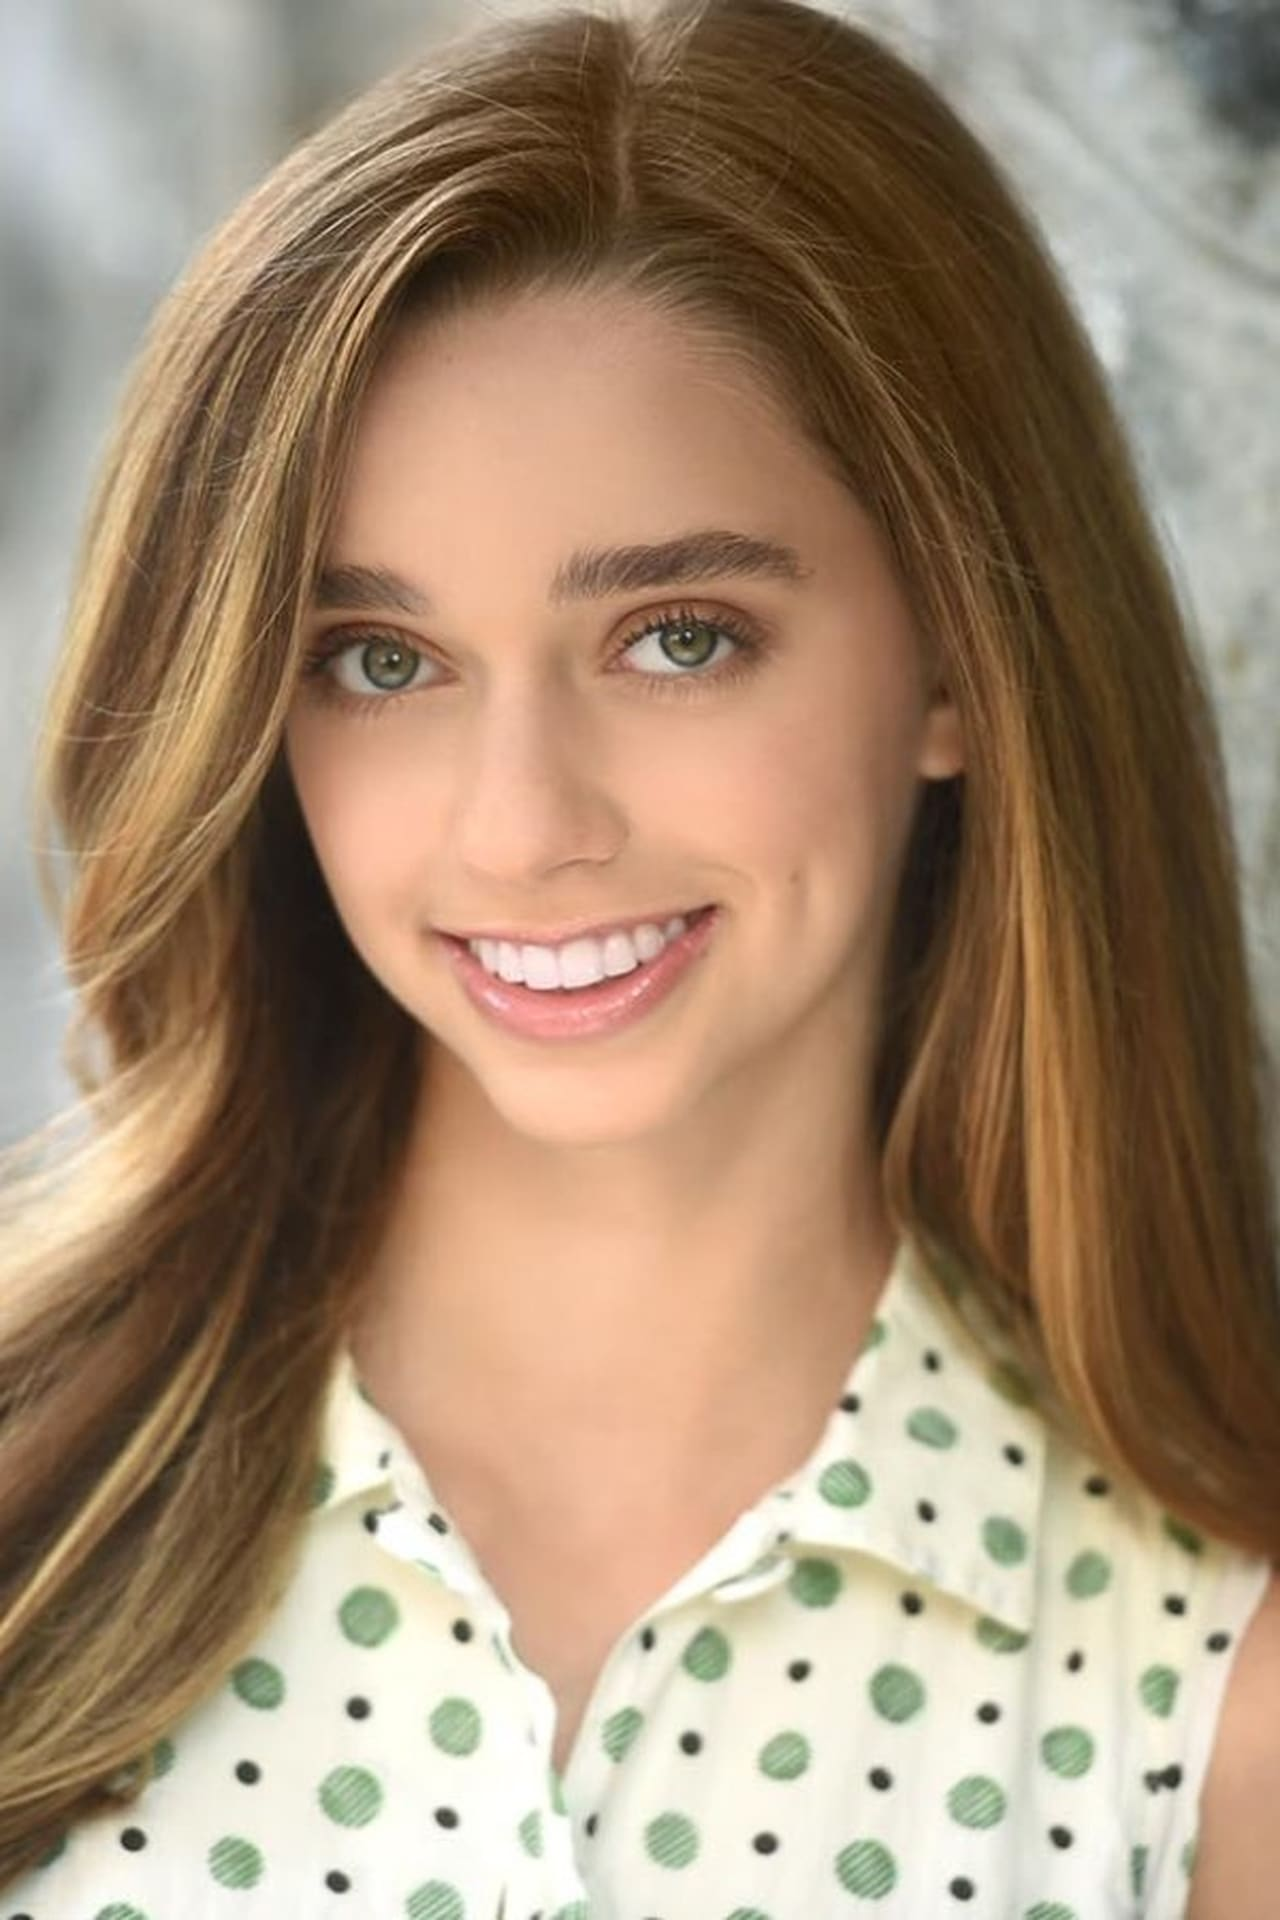 Kate Rachesky